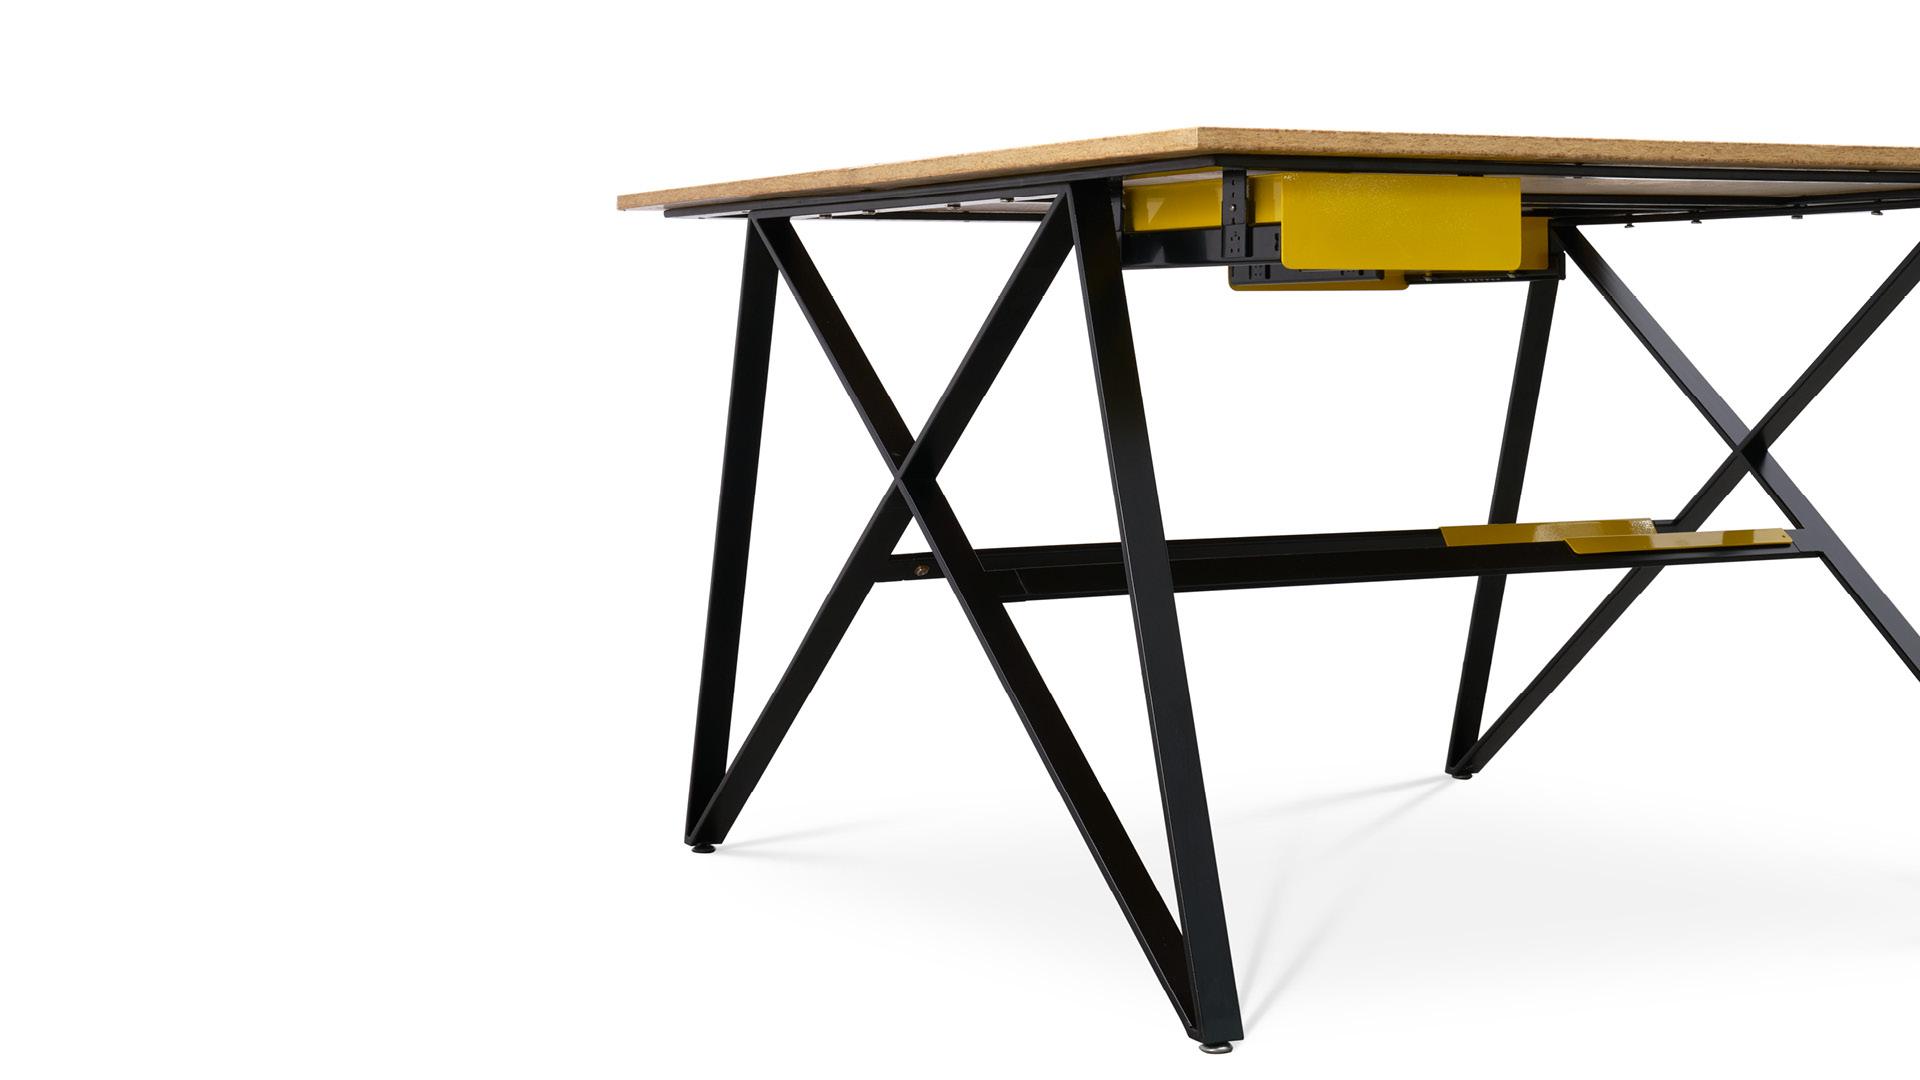 工业聚地的钢筋结构,以及工业象征符号的螺母,赋予了这款办公桌最大的设计特色——X形交叉桌腿,区别传统垂直腿,它昭示了无限、完美、极致的先锋工业态度。?x-oss-process=image/format,jpg/interlace,1